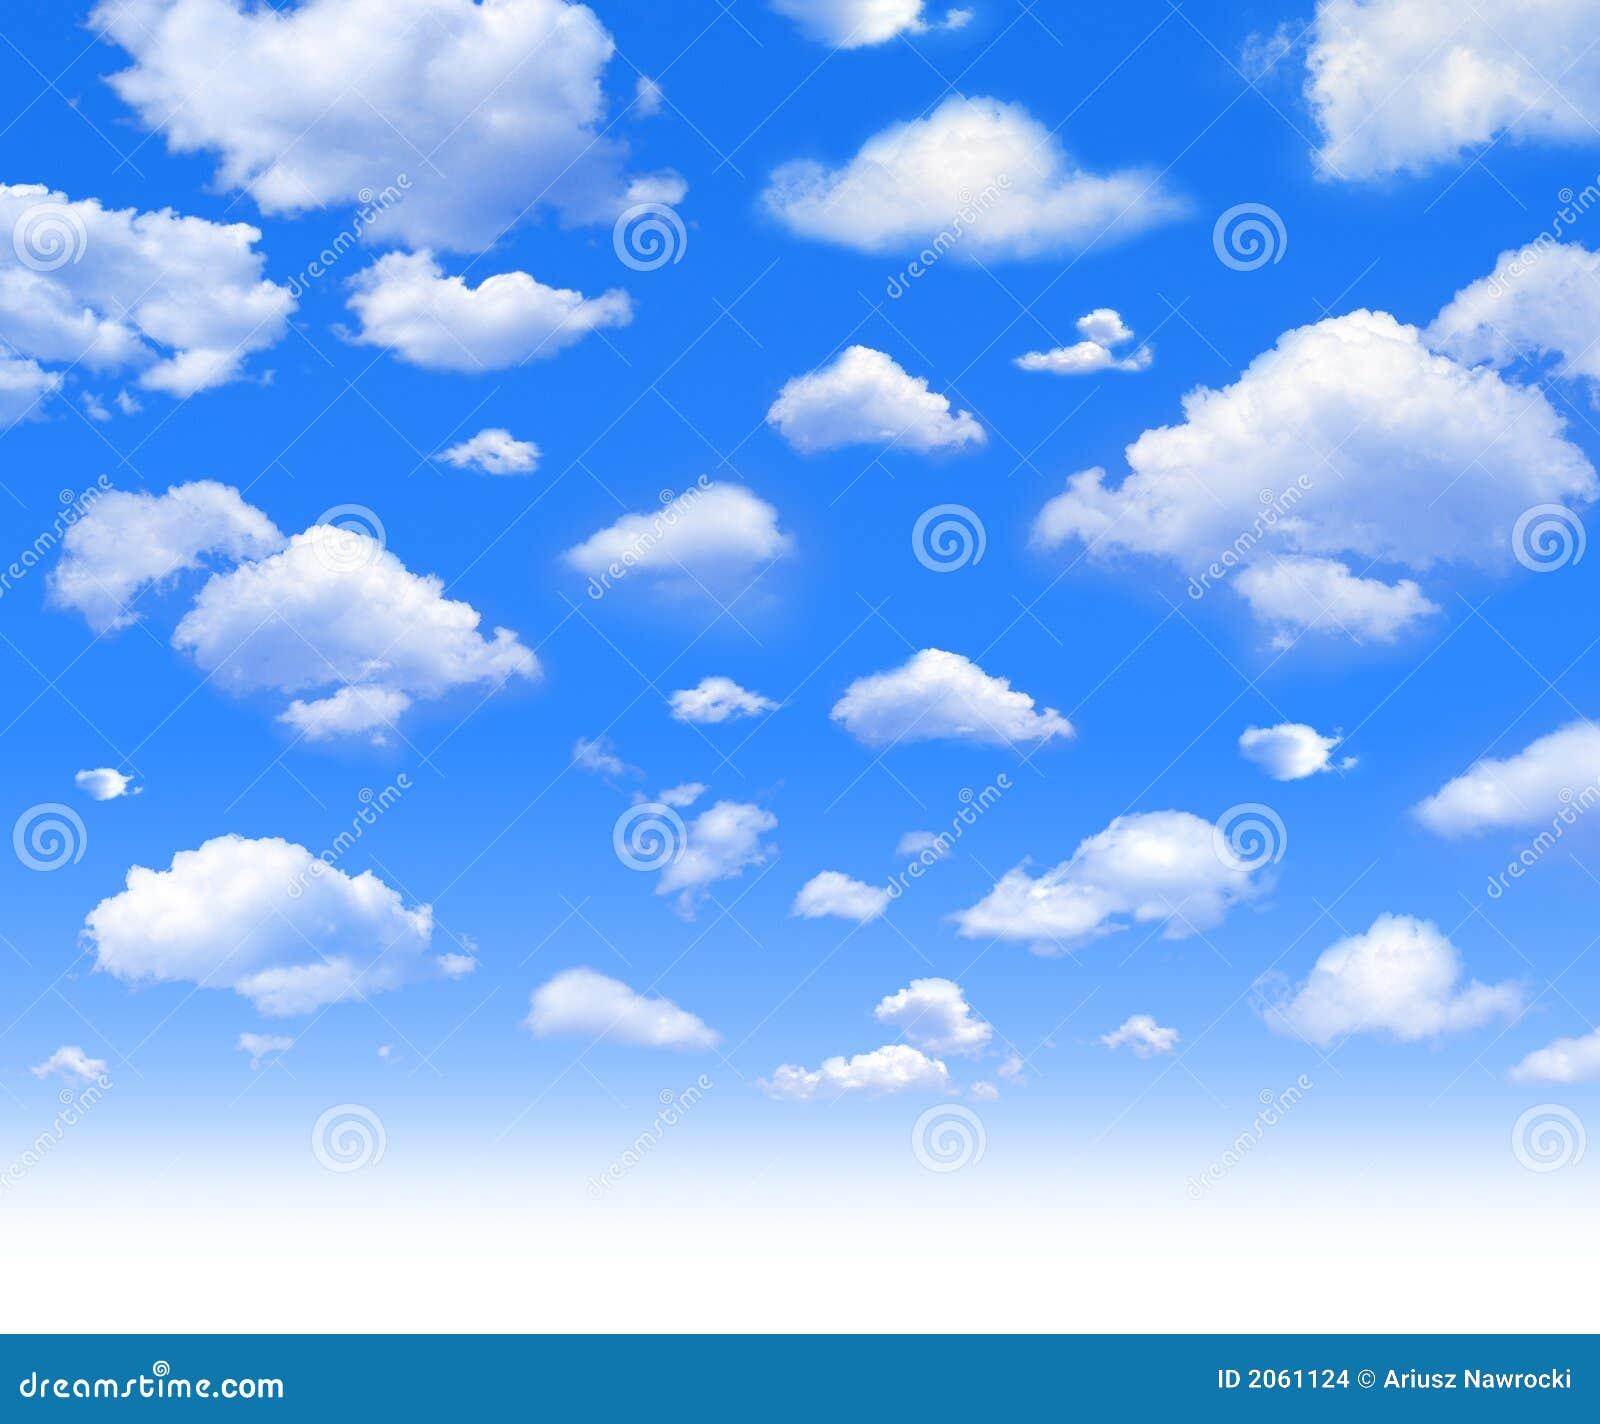 Muito Nuvens foto de stock. Imagem de azul, céu, nuvem, macio - 2061124 NX14